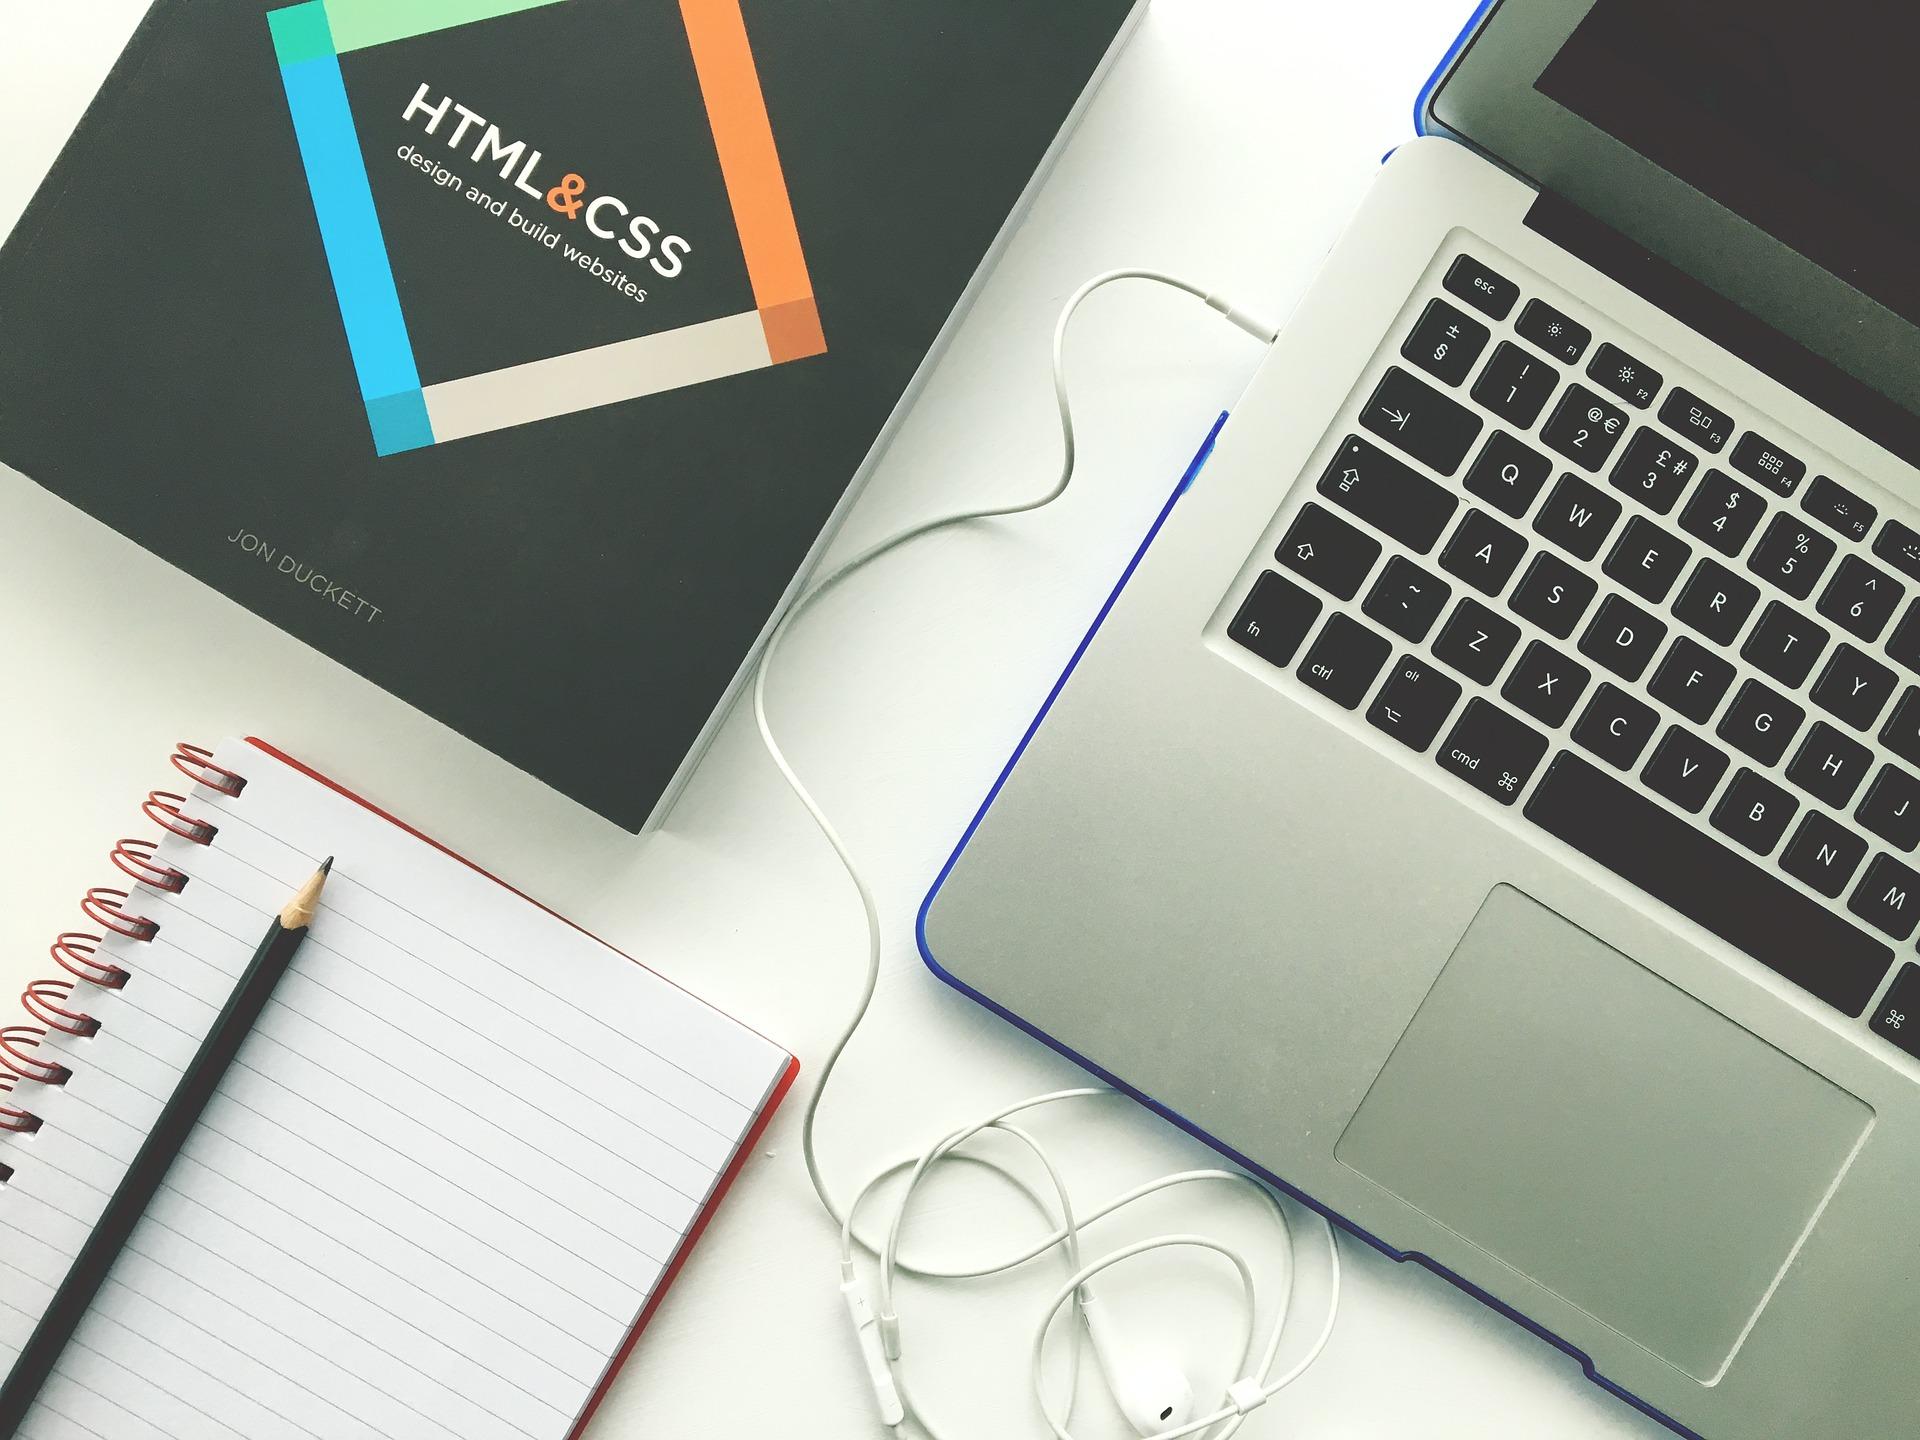 למה עיצוב ובניית אתרים הוא חלק קריטי ממיתוג לעסקים?